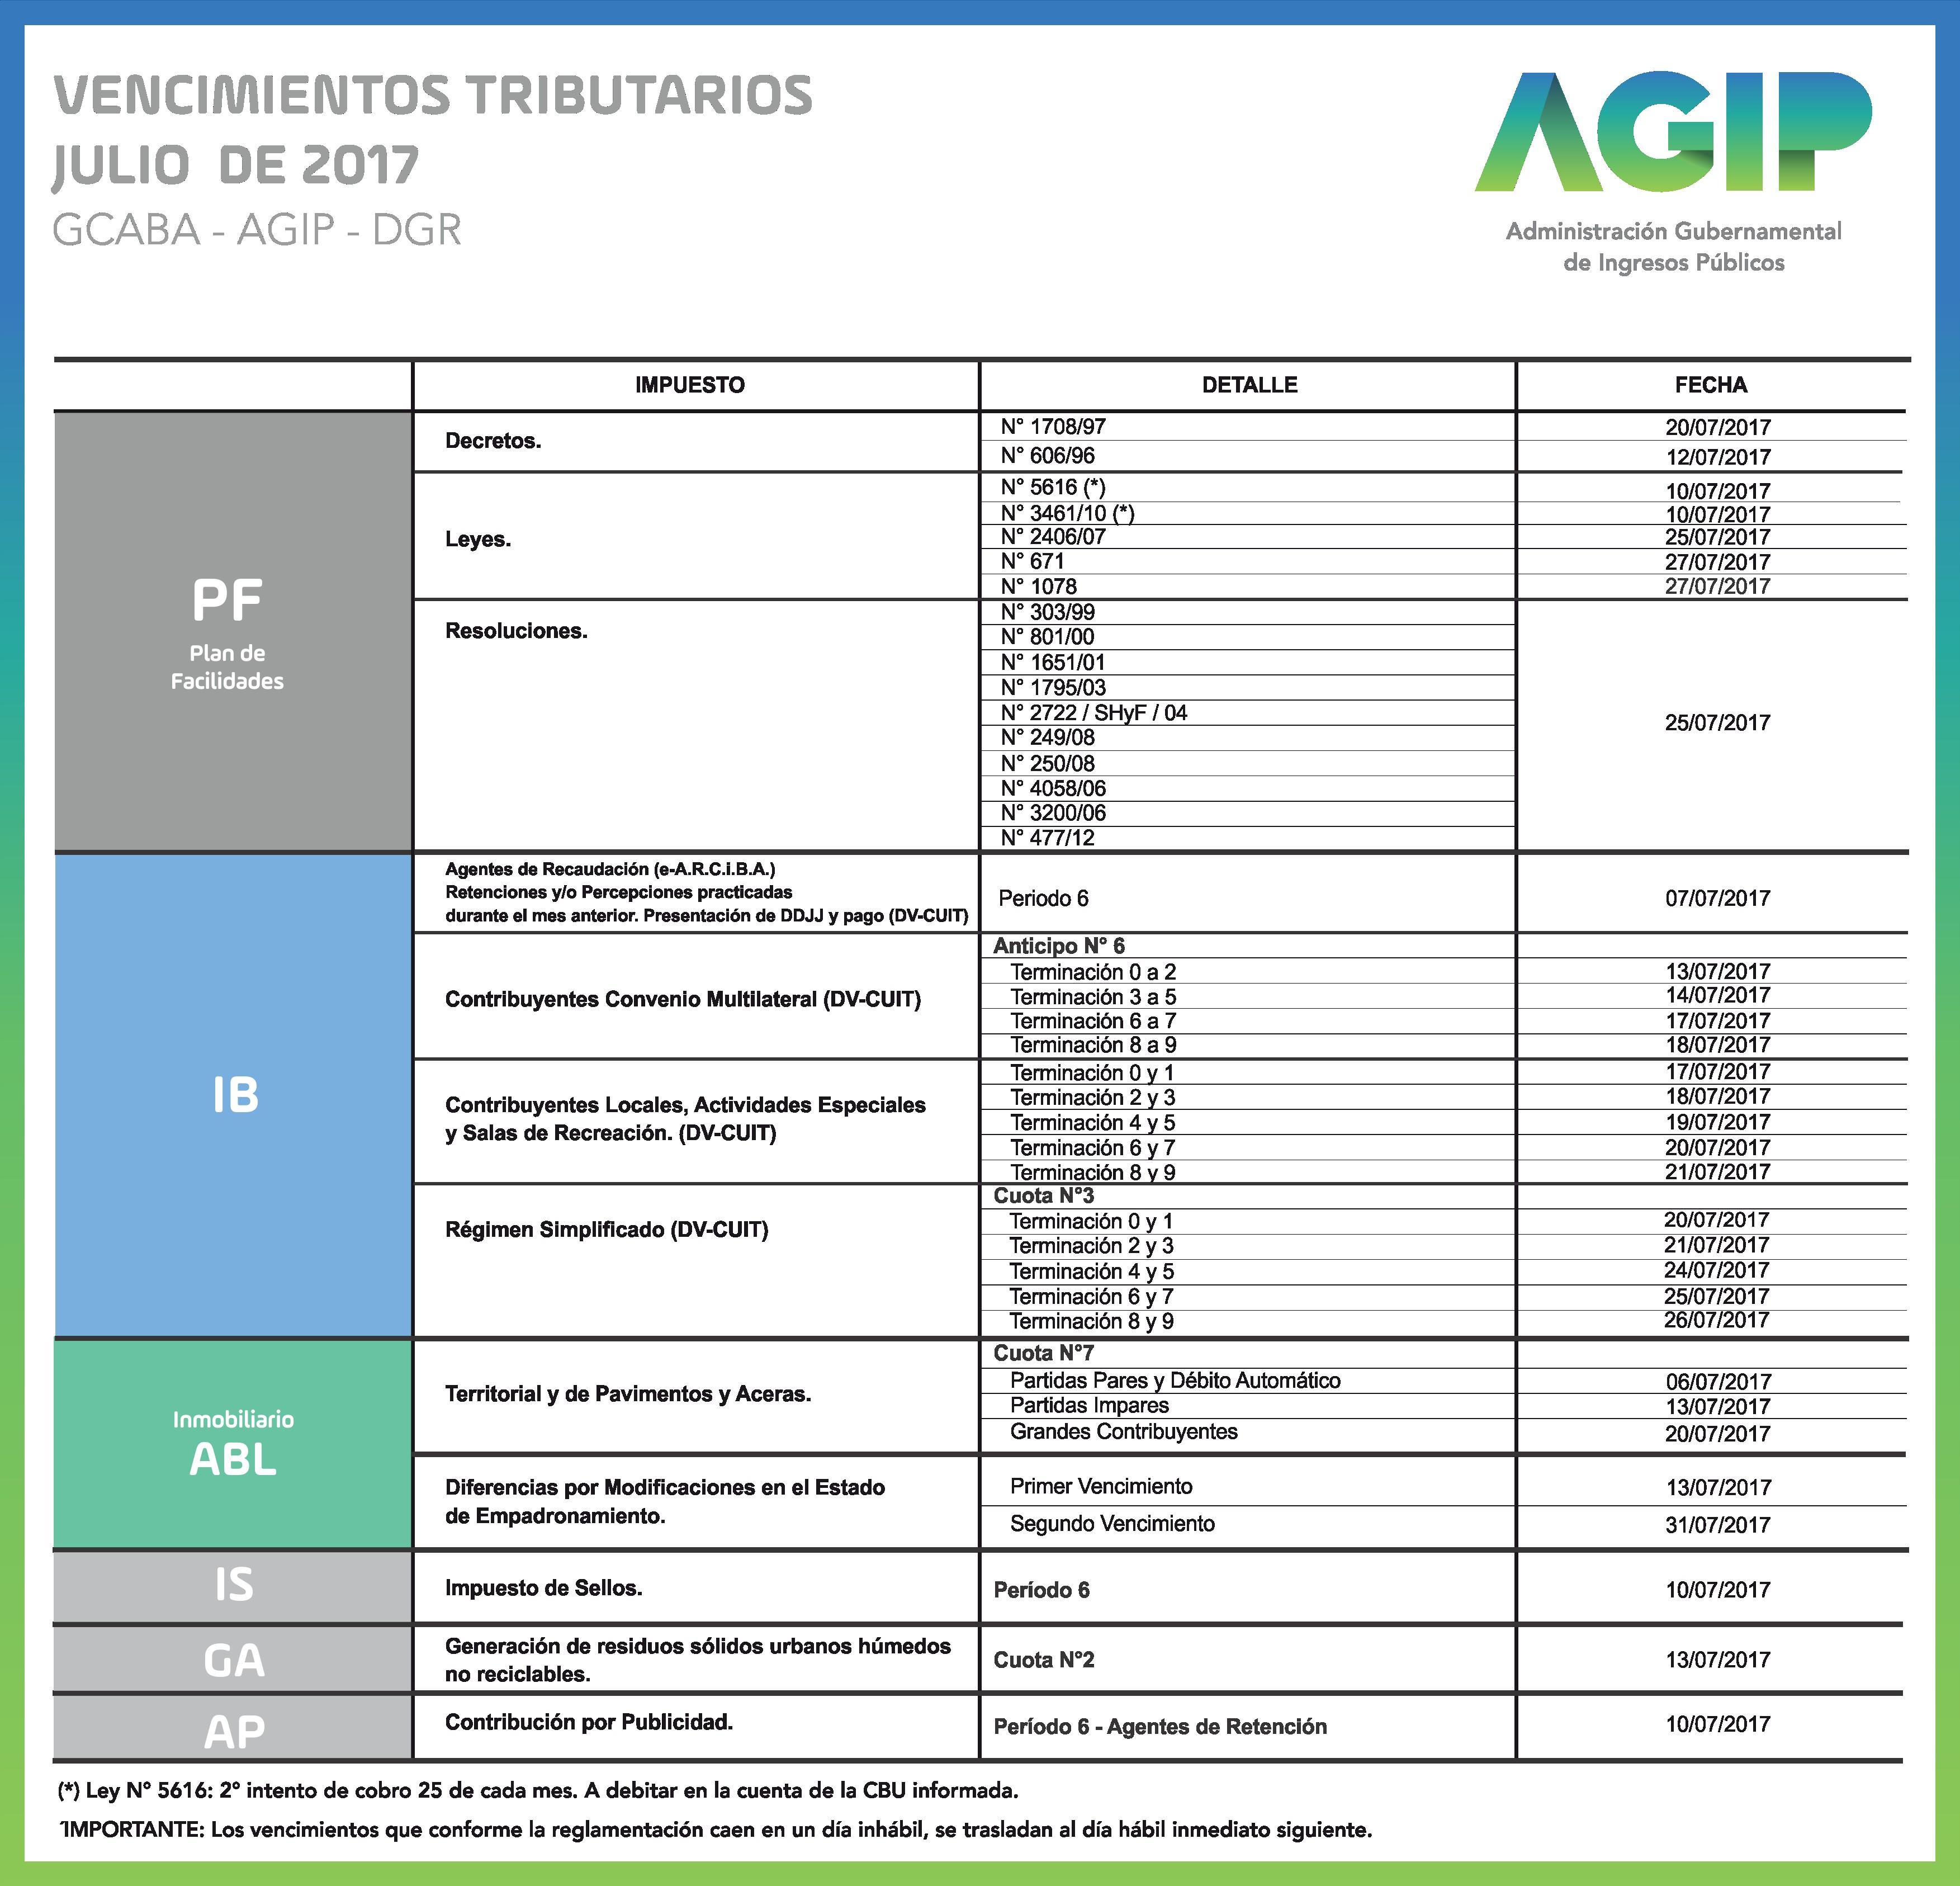 AGIP Calendario mensual